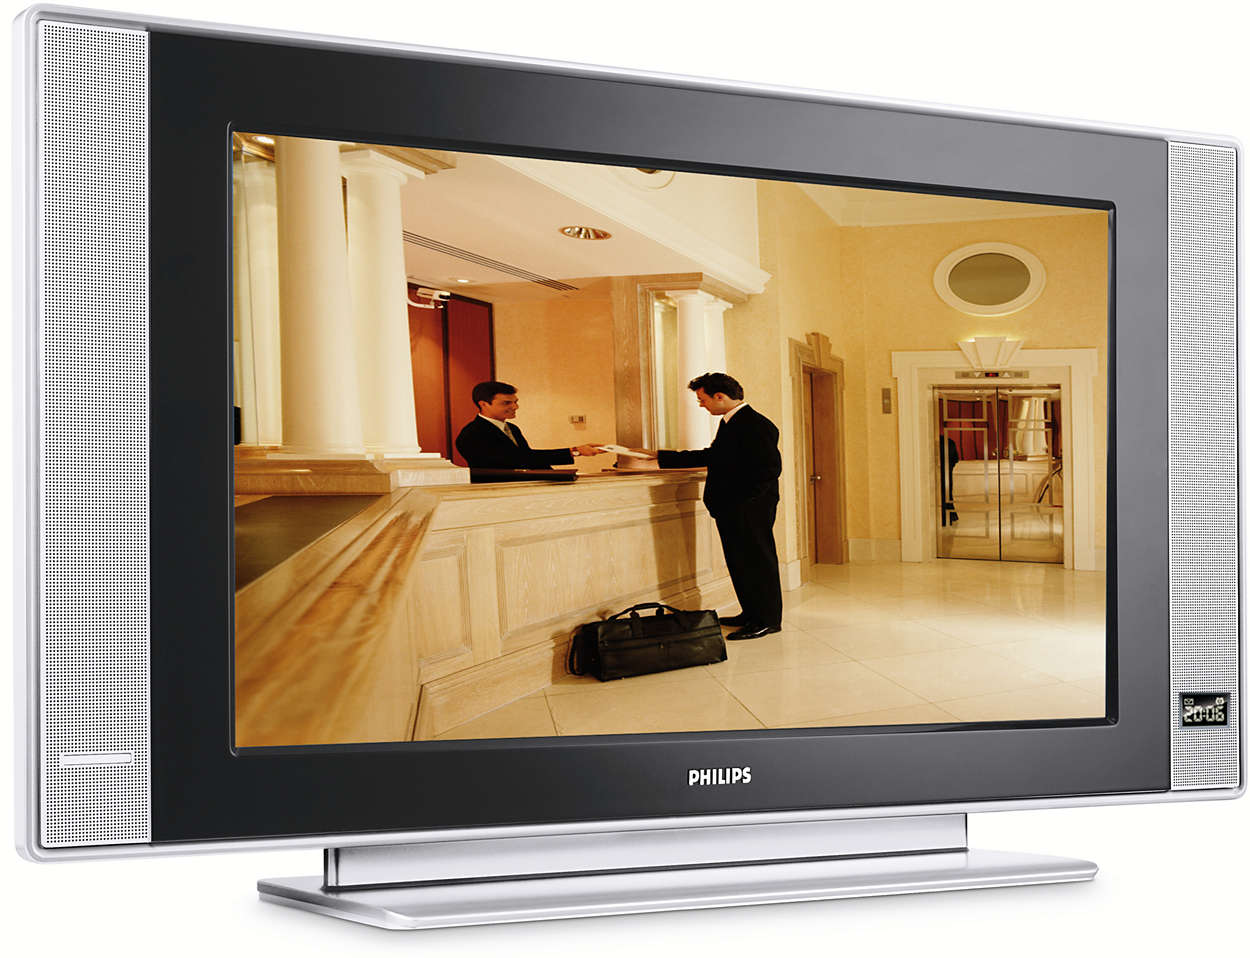 Allsidig flat TV til overnattingssteder